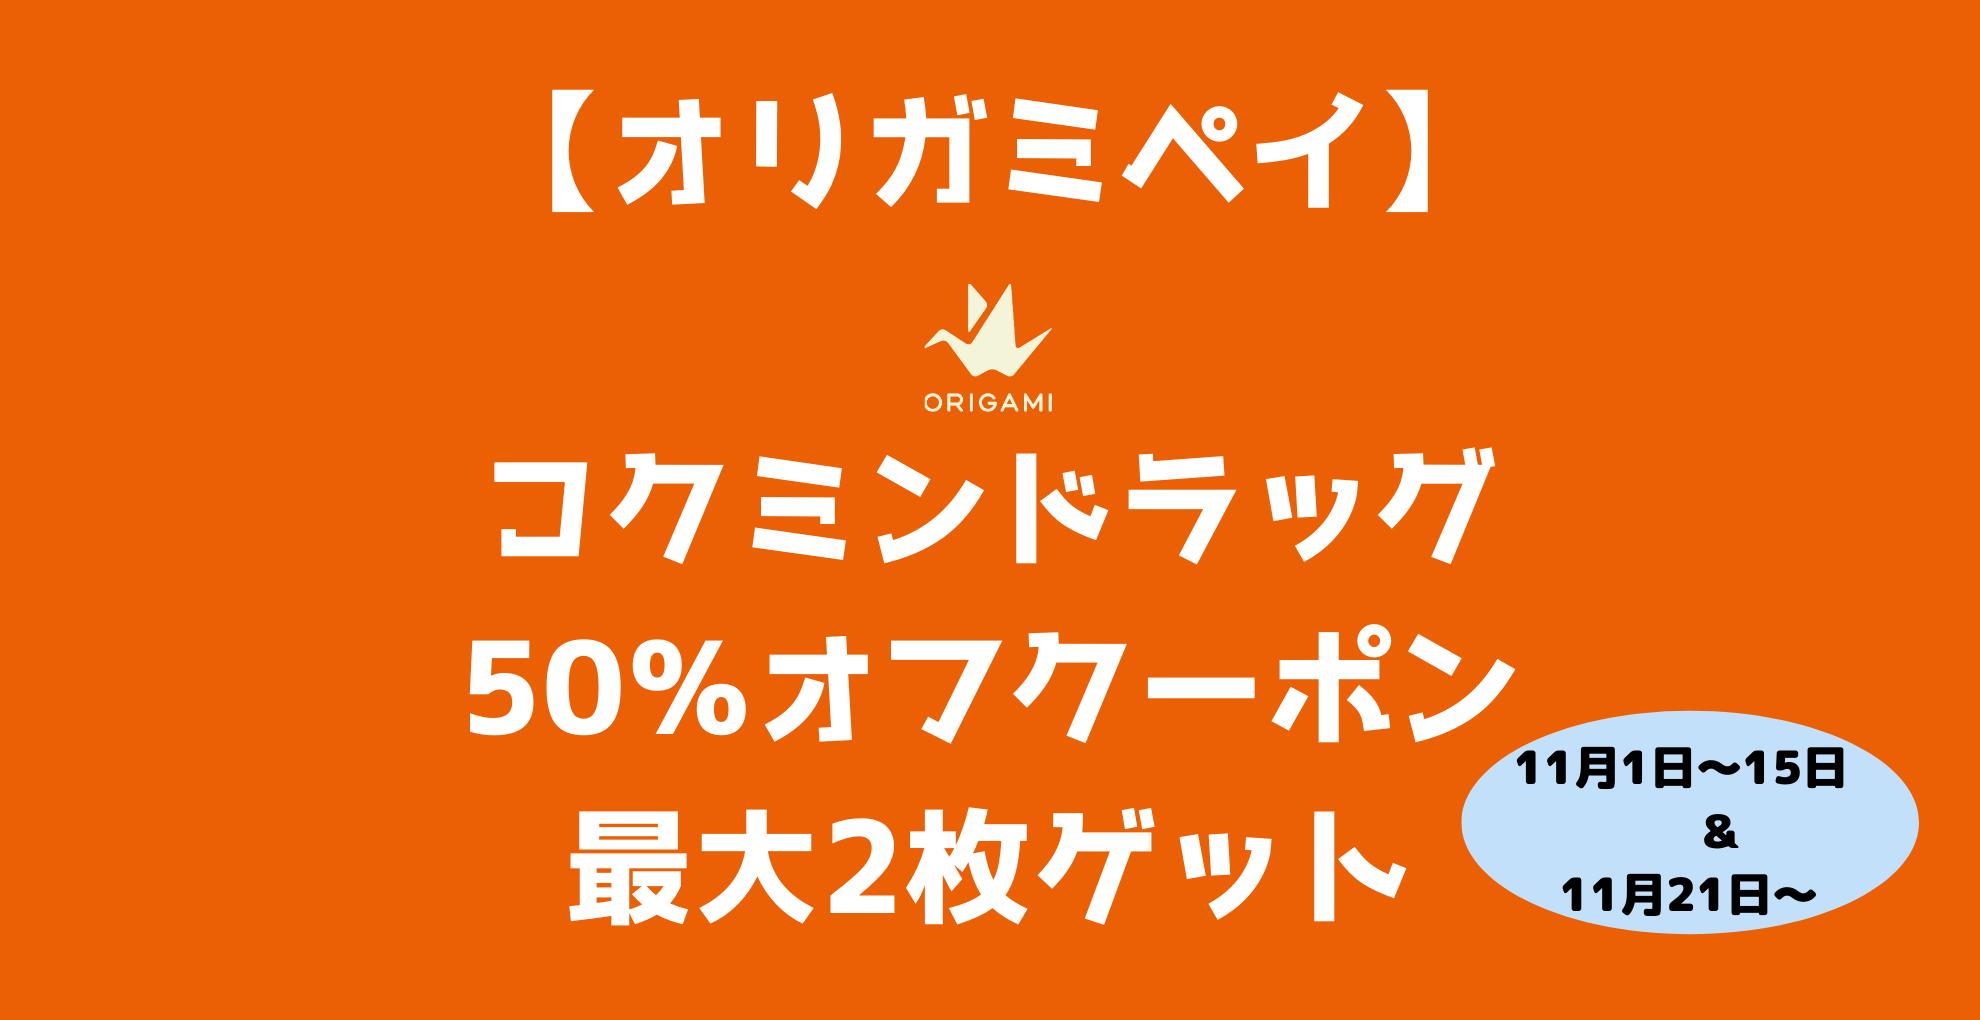 【オリガミペイ】コクミンドラッグ 50%オフクーポンを最大2枚ゲットできる